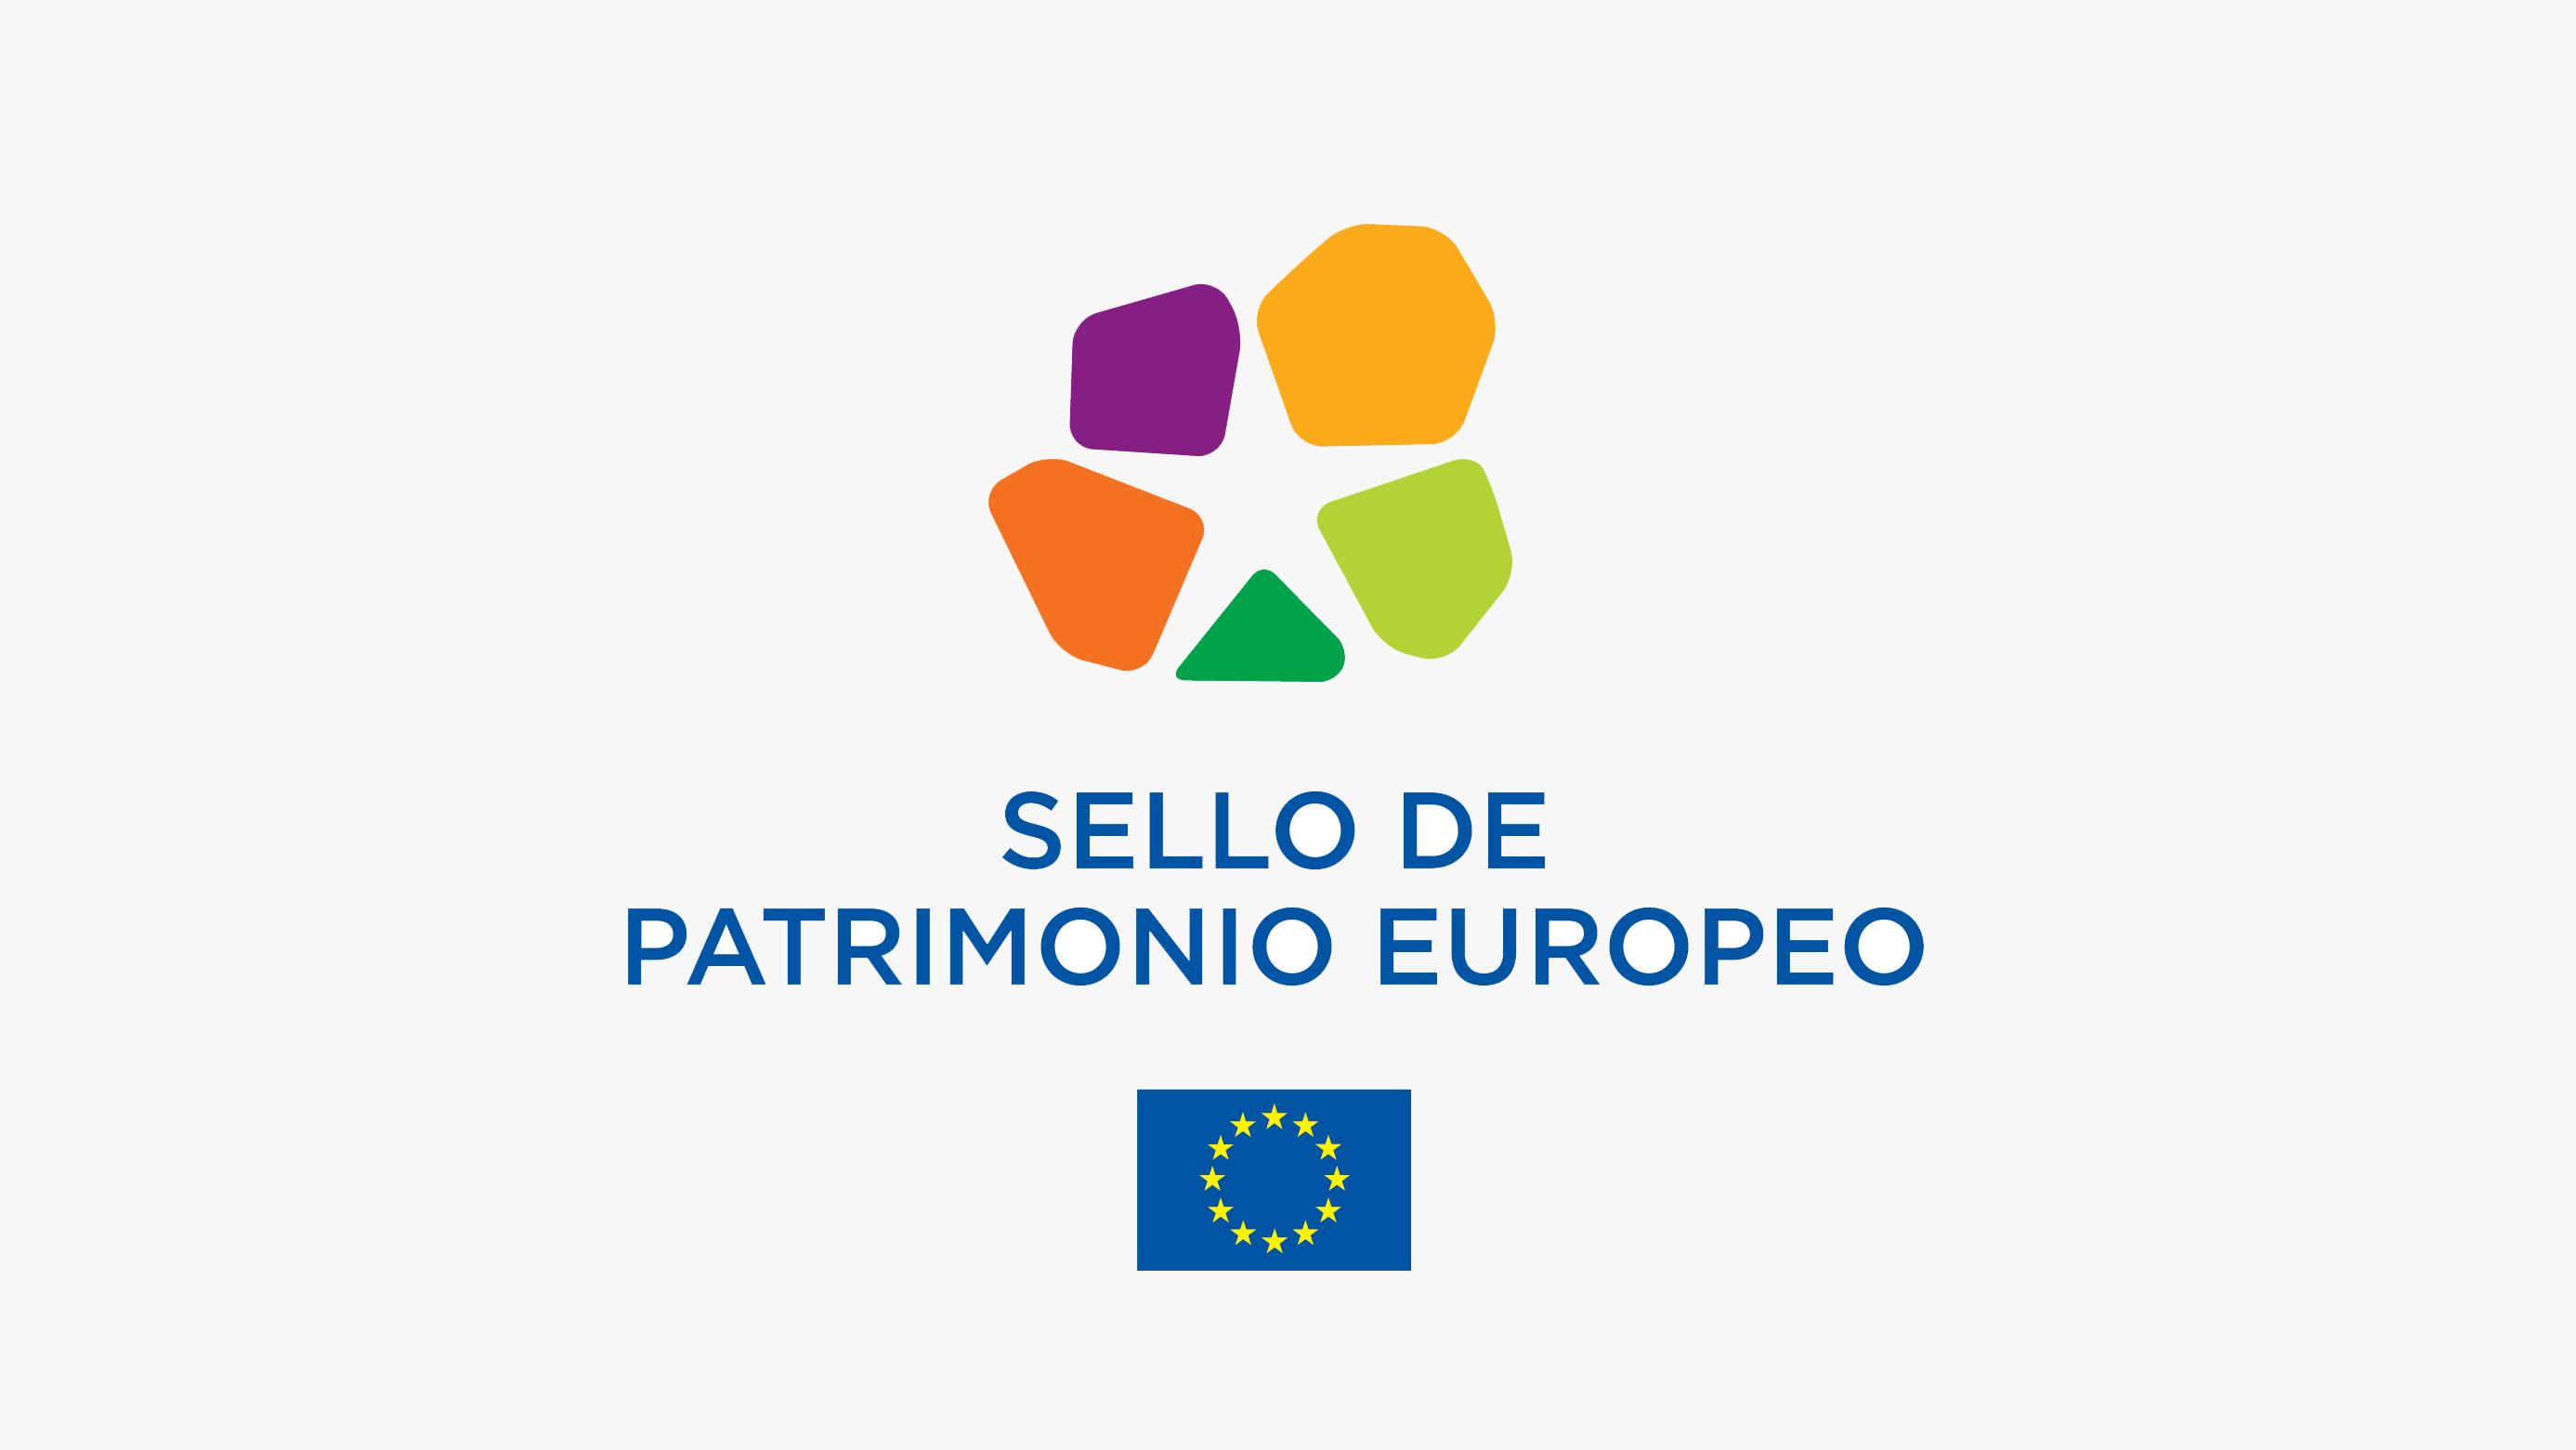 Patrimonio Europeo